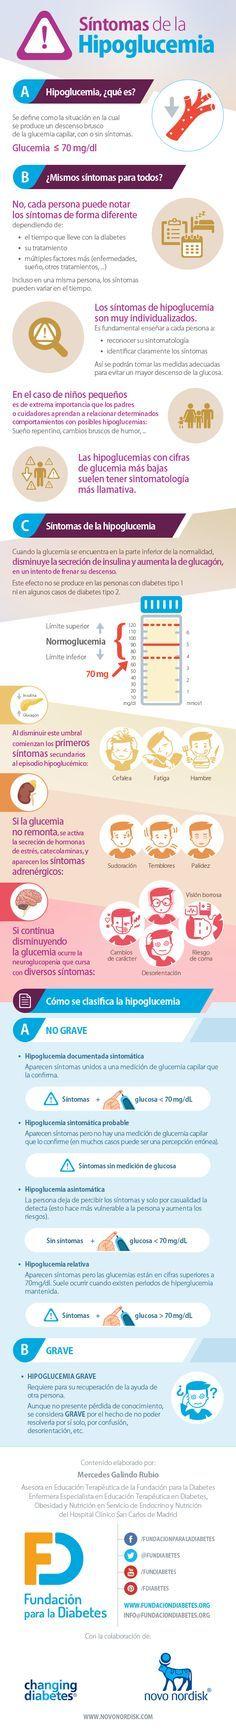 Infografía Síntomas de la Hipoglucemia